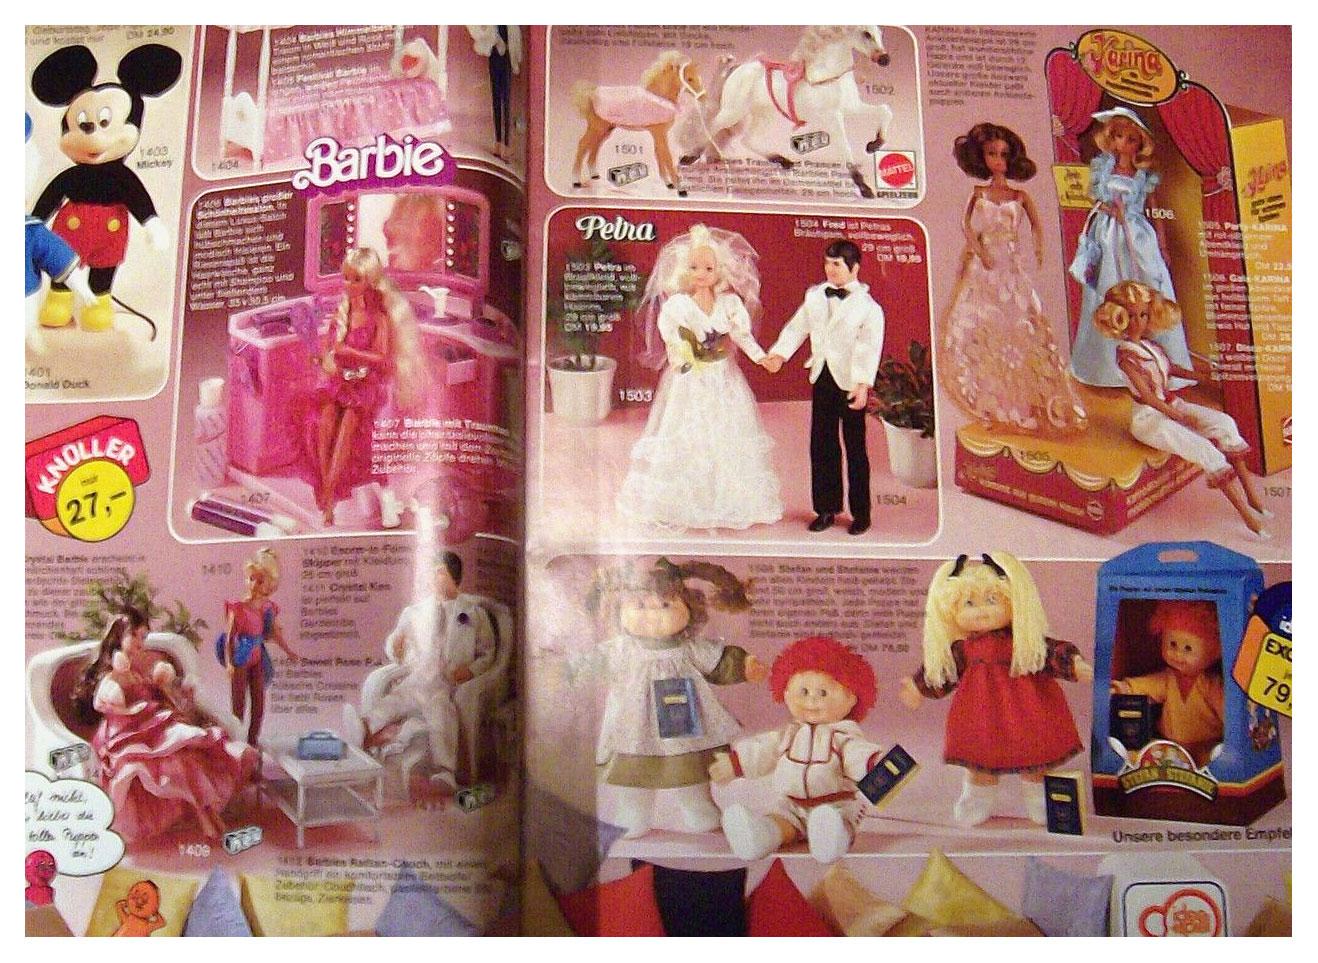 1984 German Steiner toy catalogue